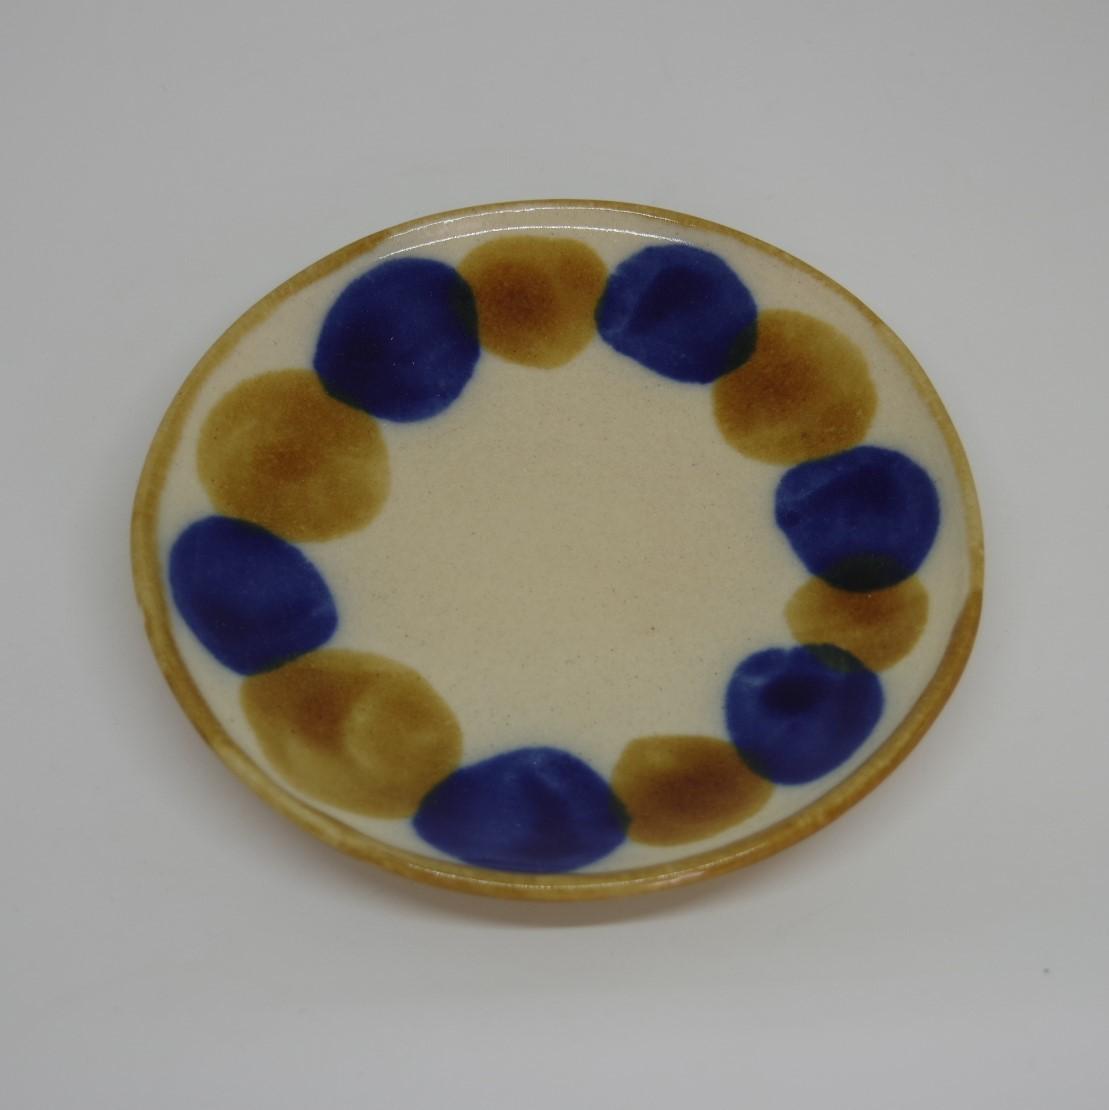 やちむん【土工房陶糸】5寸皿